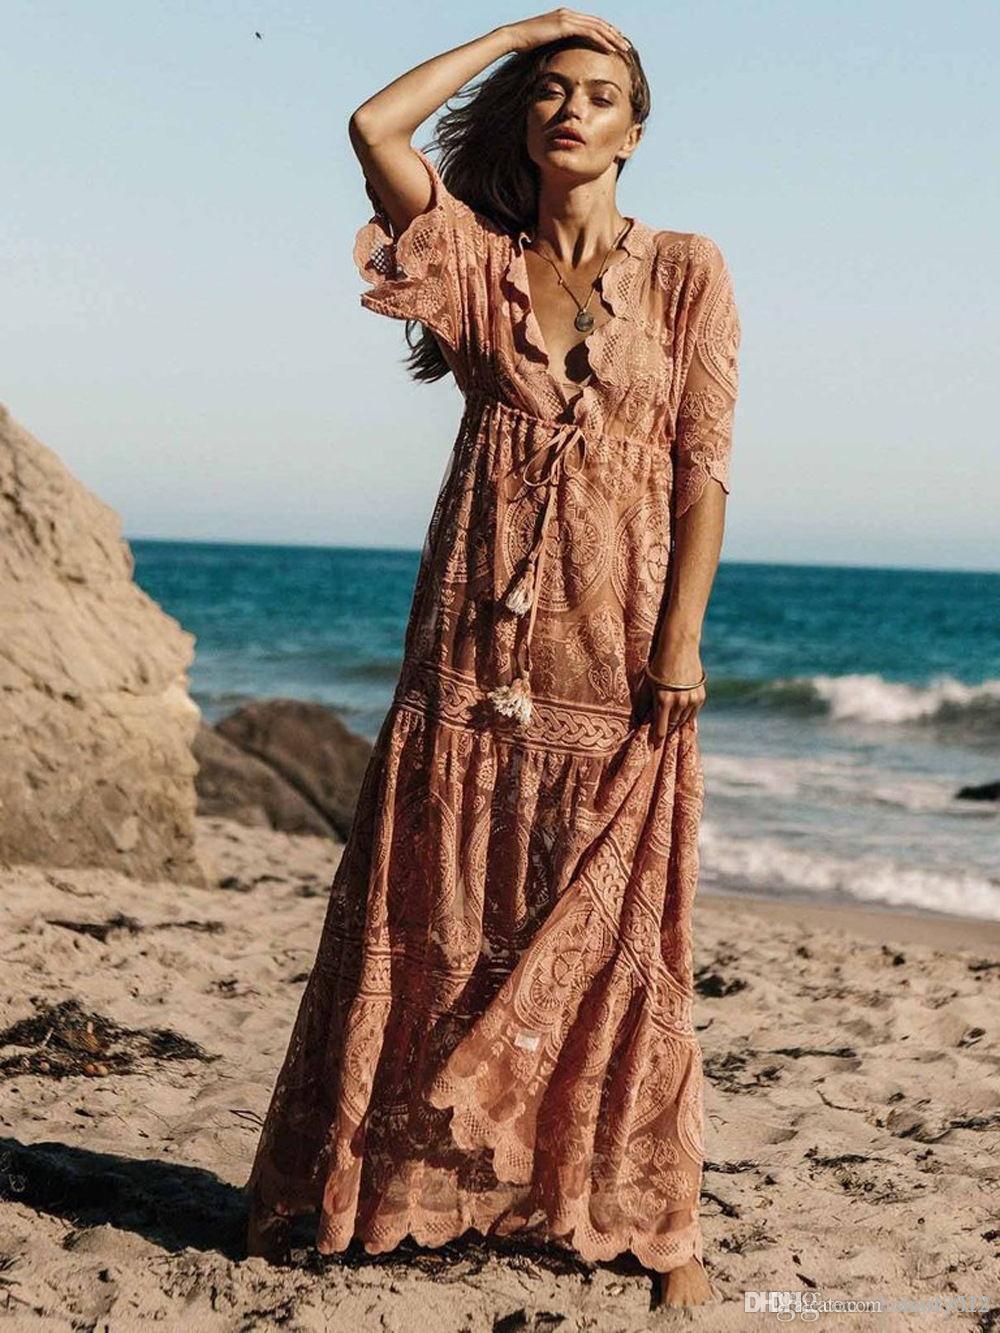 2019 été Décolleté en V dentelle florale robe manches mi-longues Tunique taille Holiday Beach Dentelle Mode Femmes Vestidos Casual Robe longue Maxi Hippie